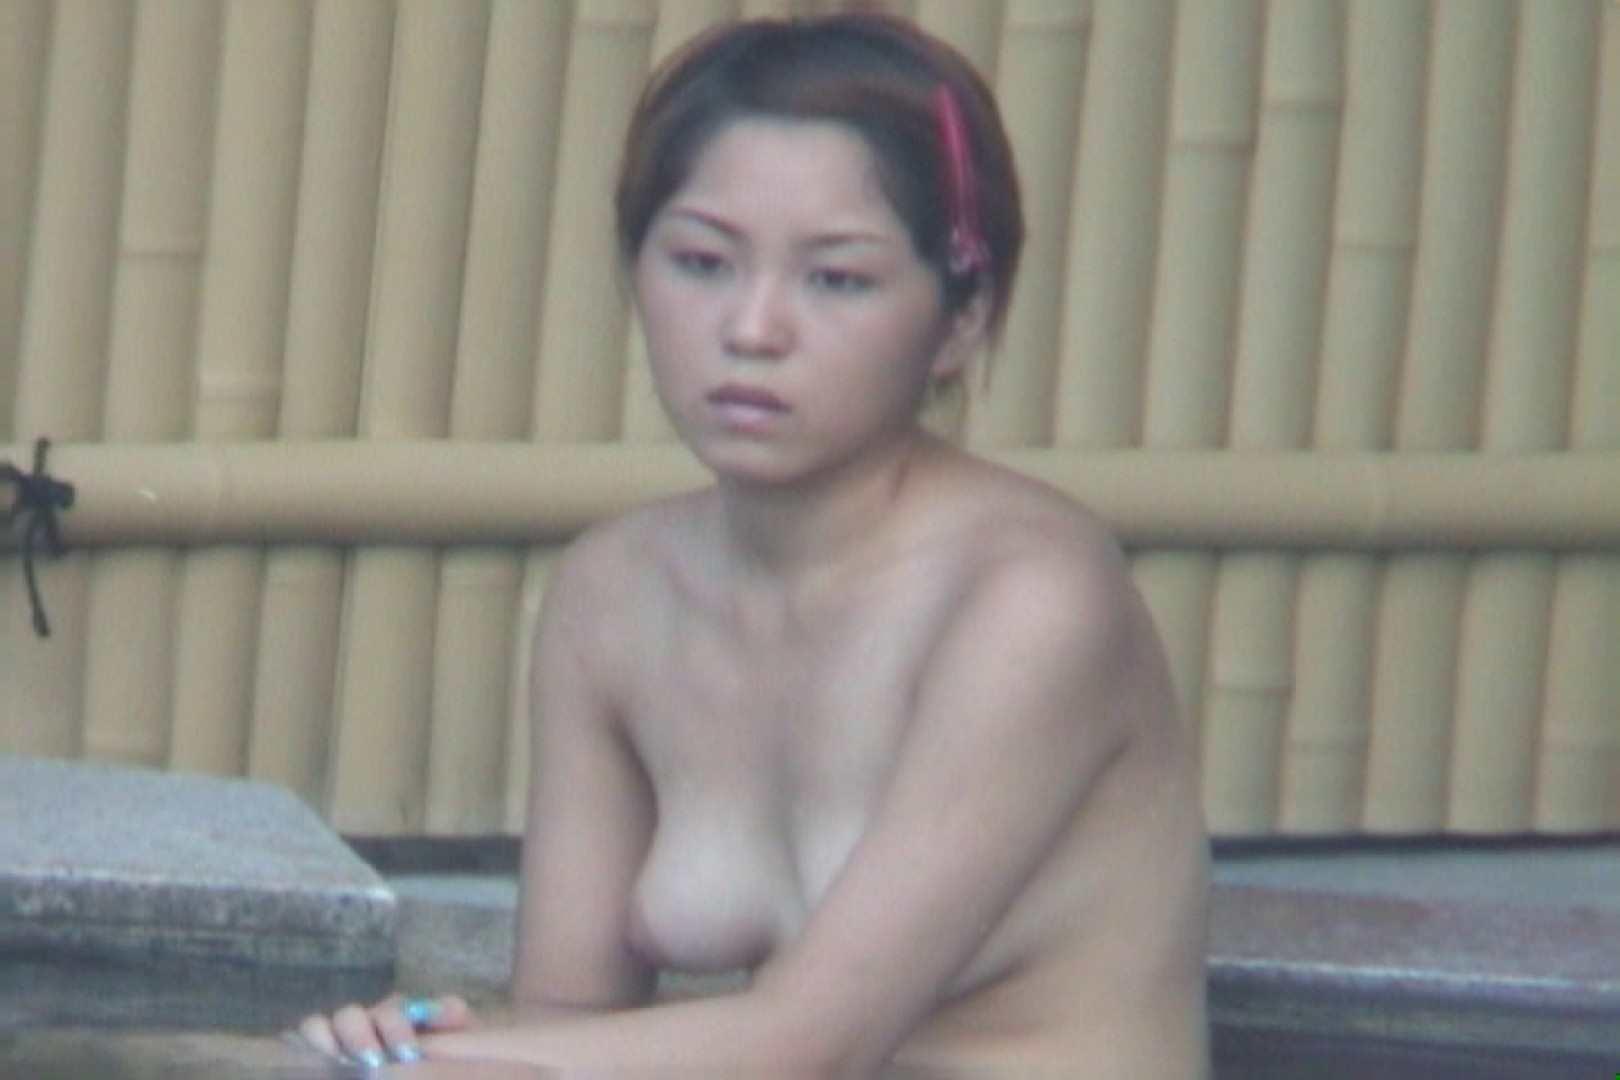 Aquaな露天風呂Vol.574 OLのエロ生活 エロ画像 95連発 71